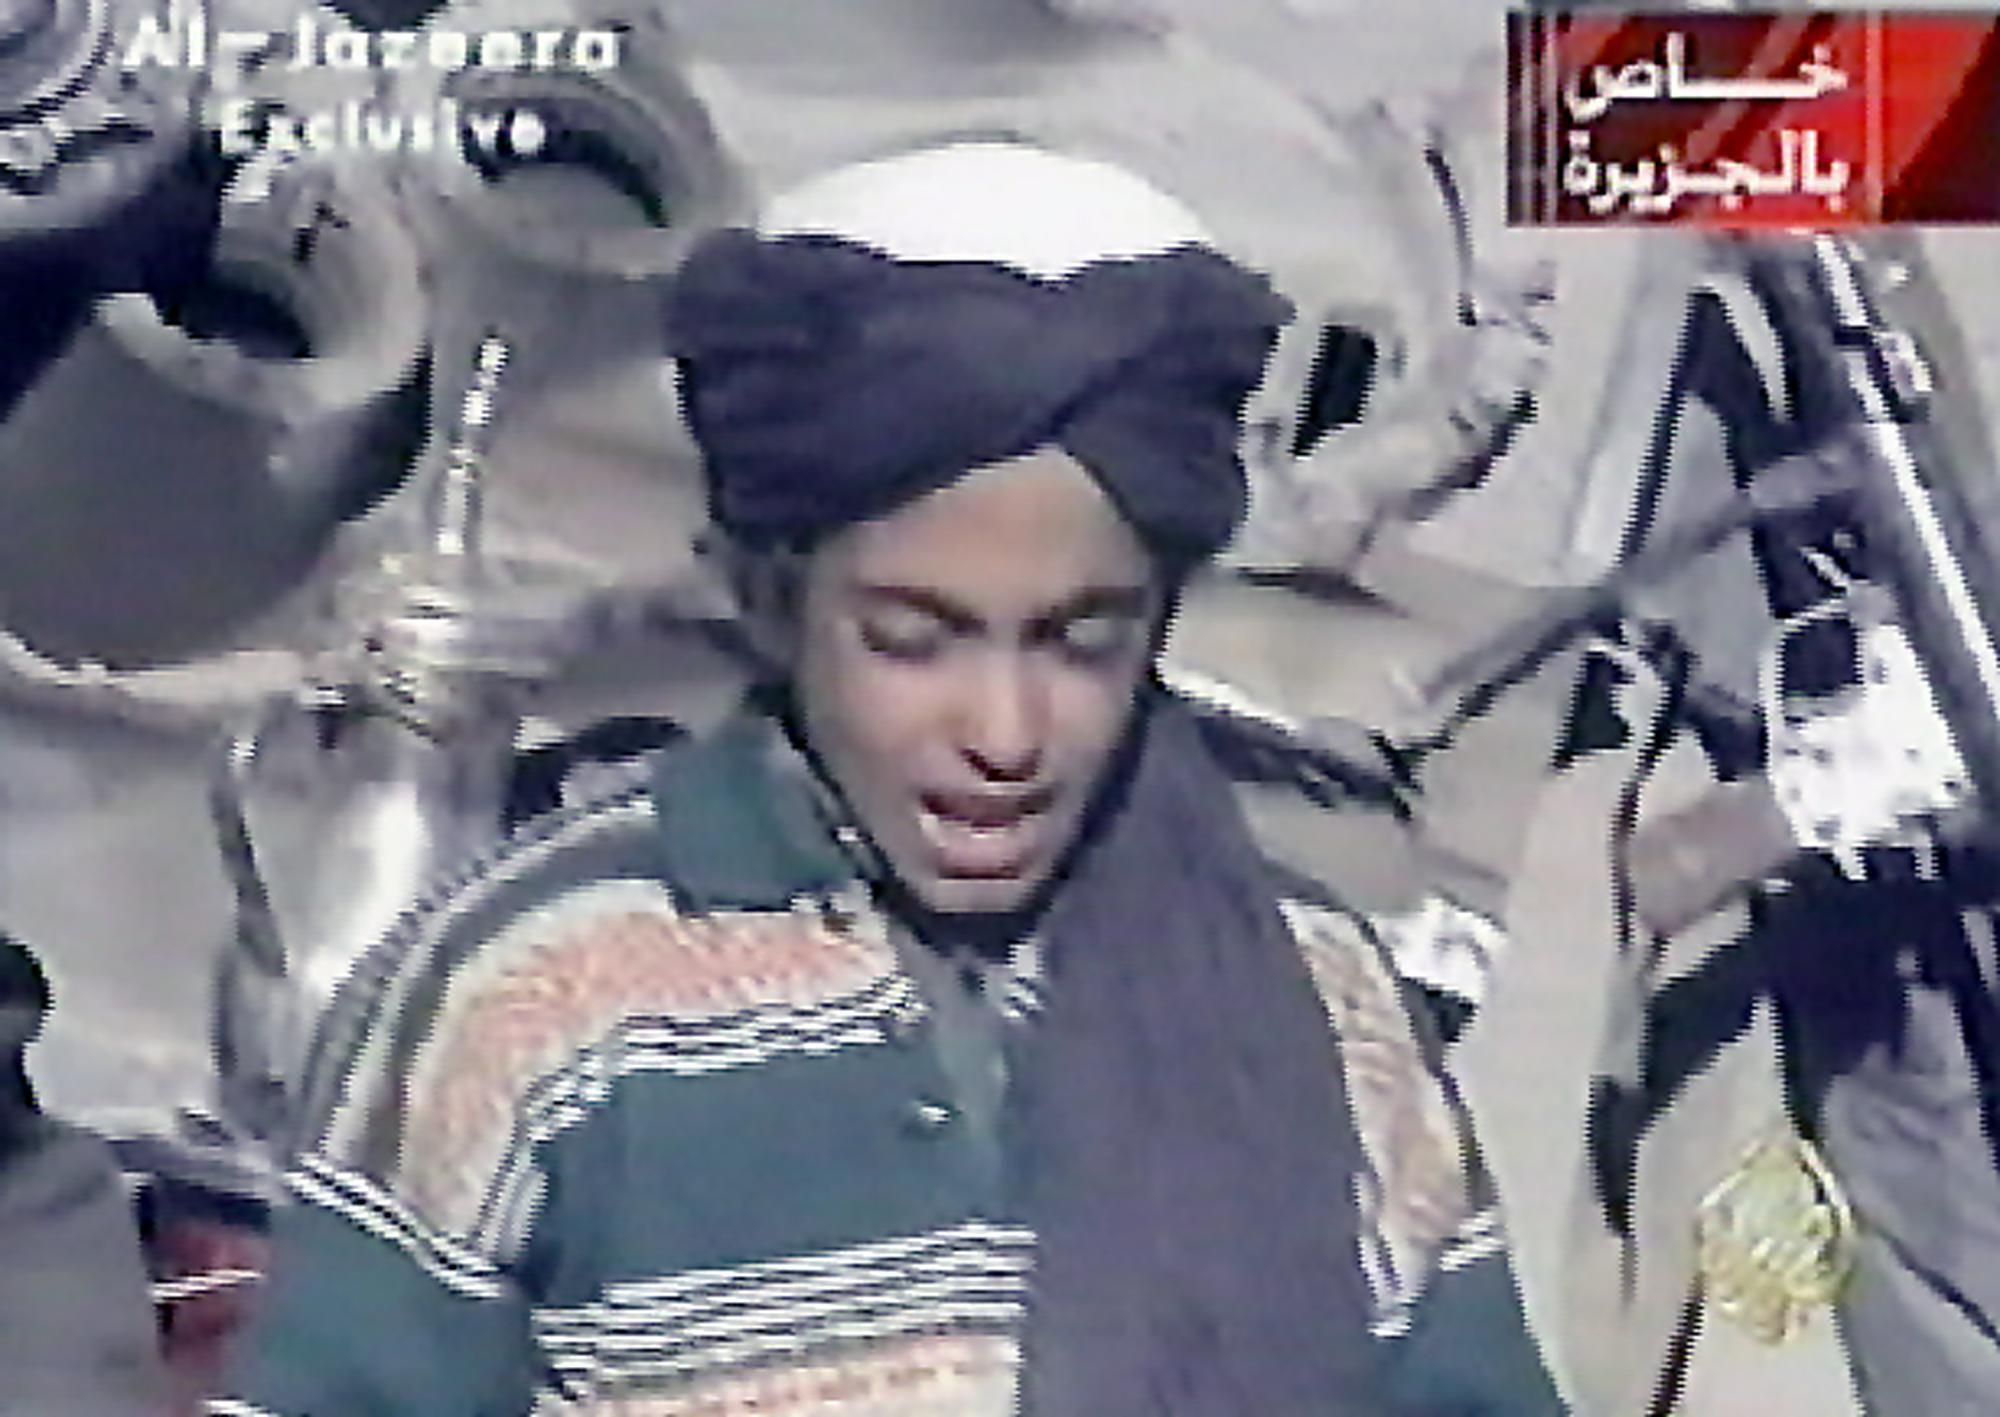 Хамза бен Ладен на видео ноября 2001 года.